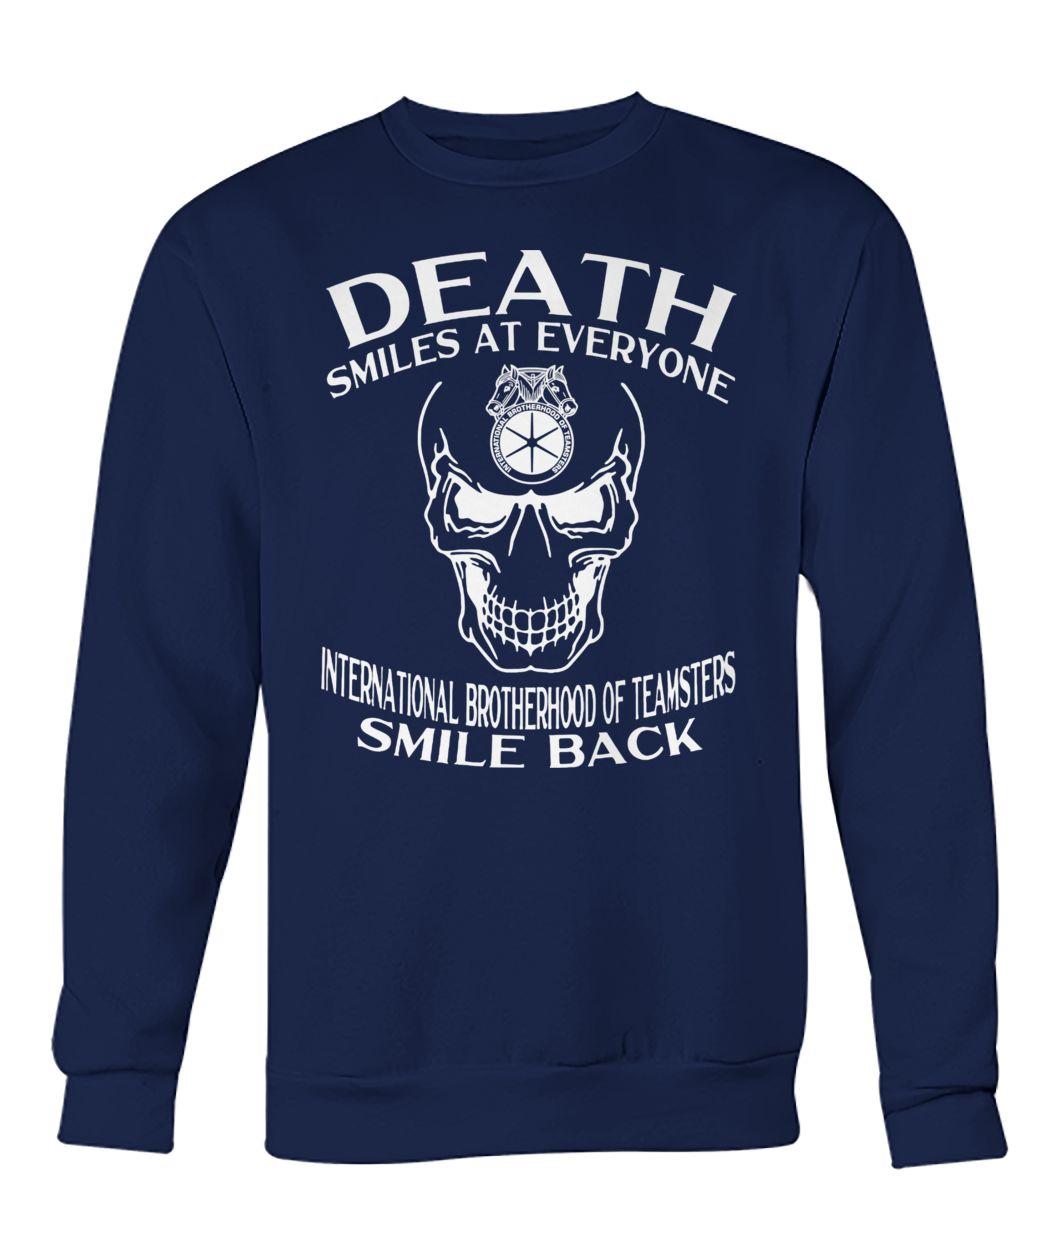 Skull death smiles at everyone international brotherhood of teamsters smile back sweatshirt